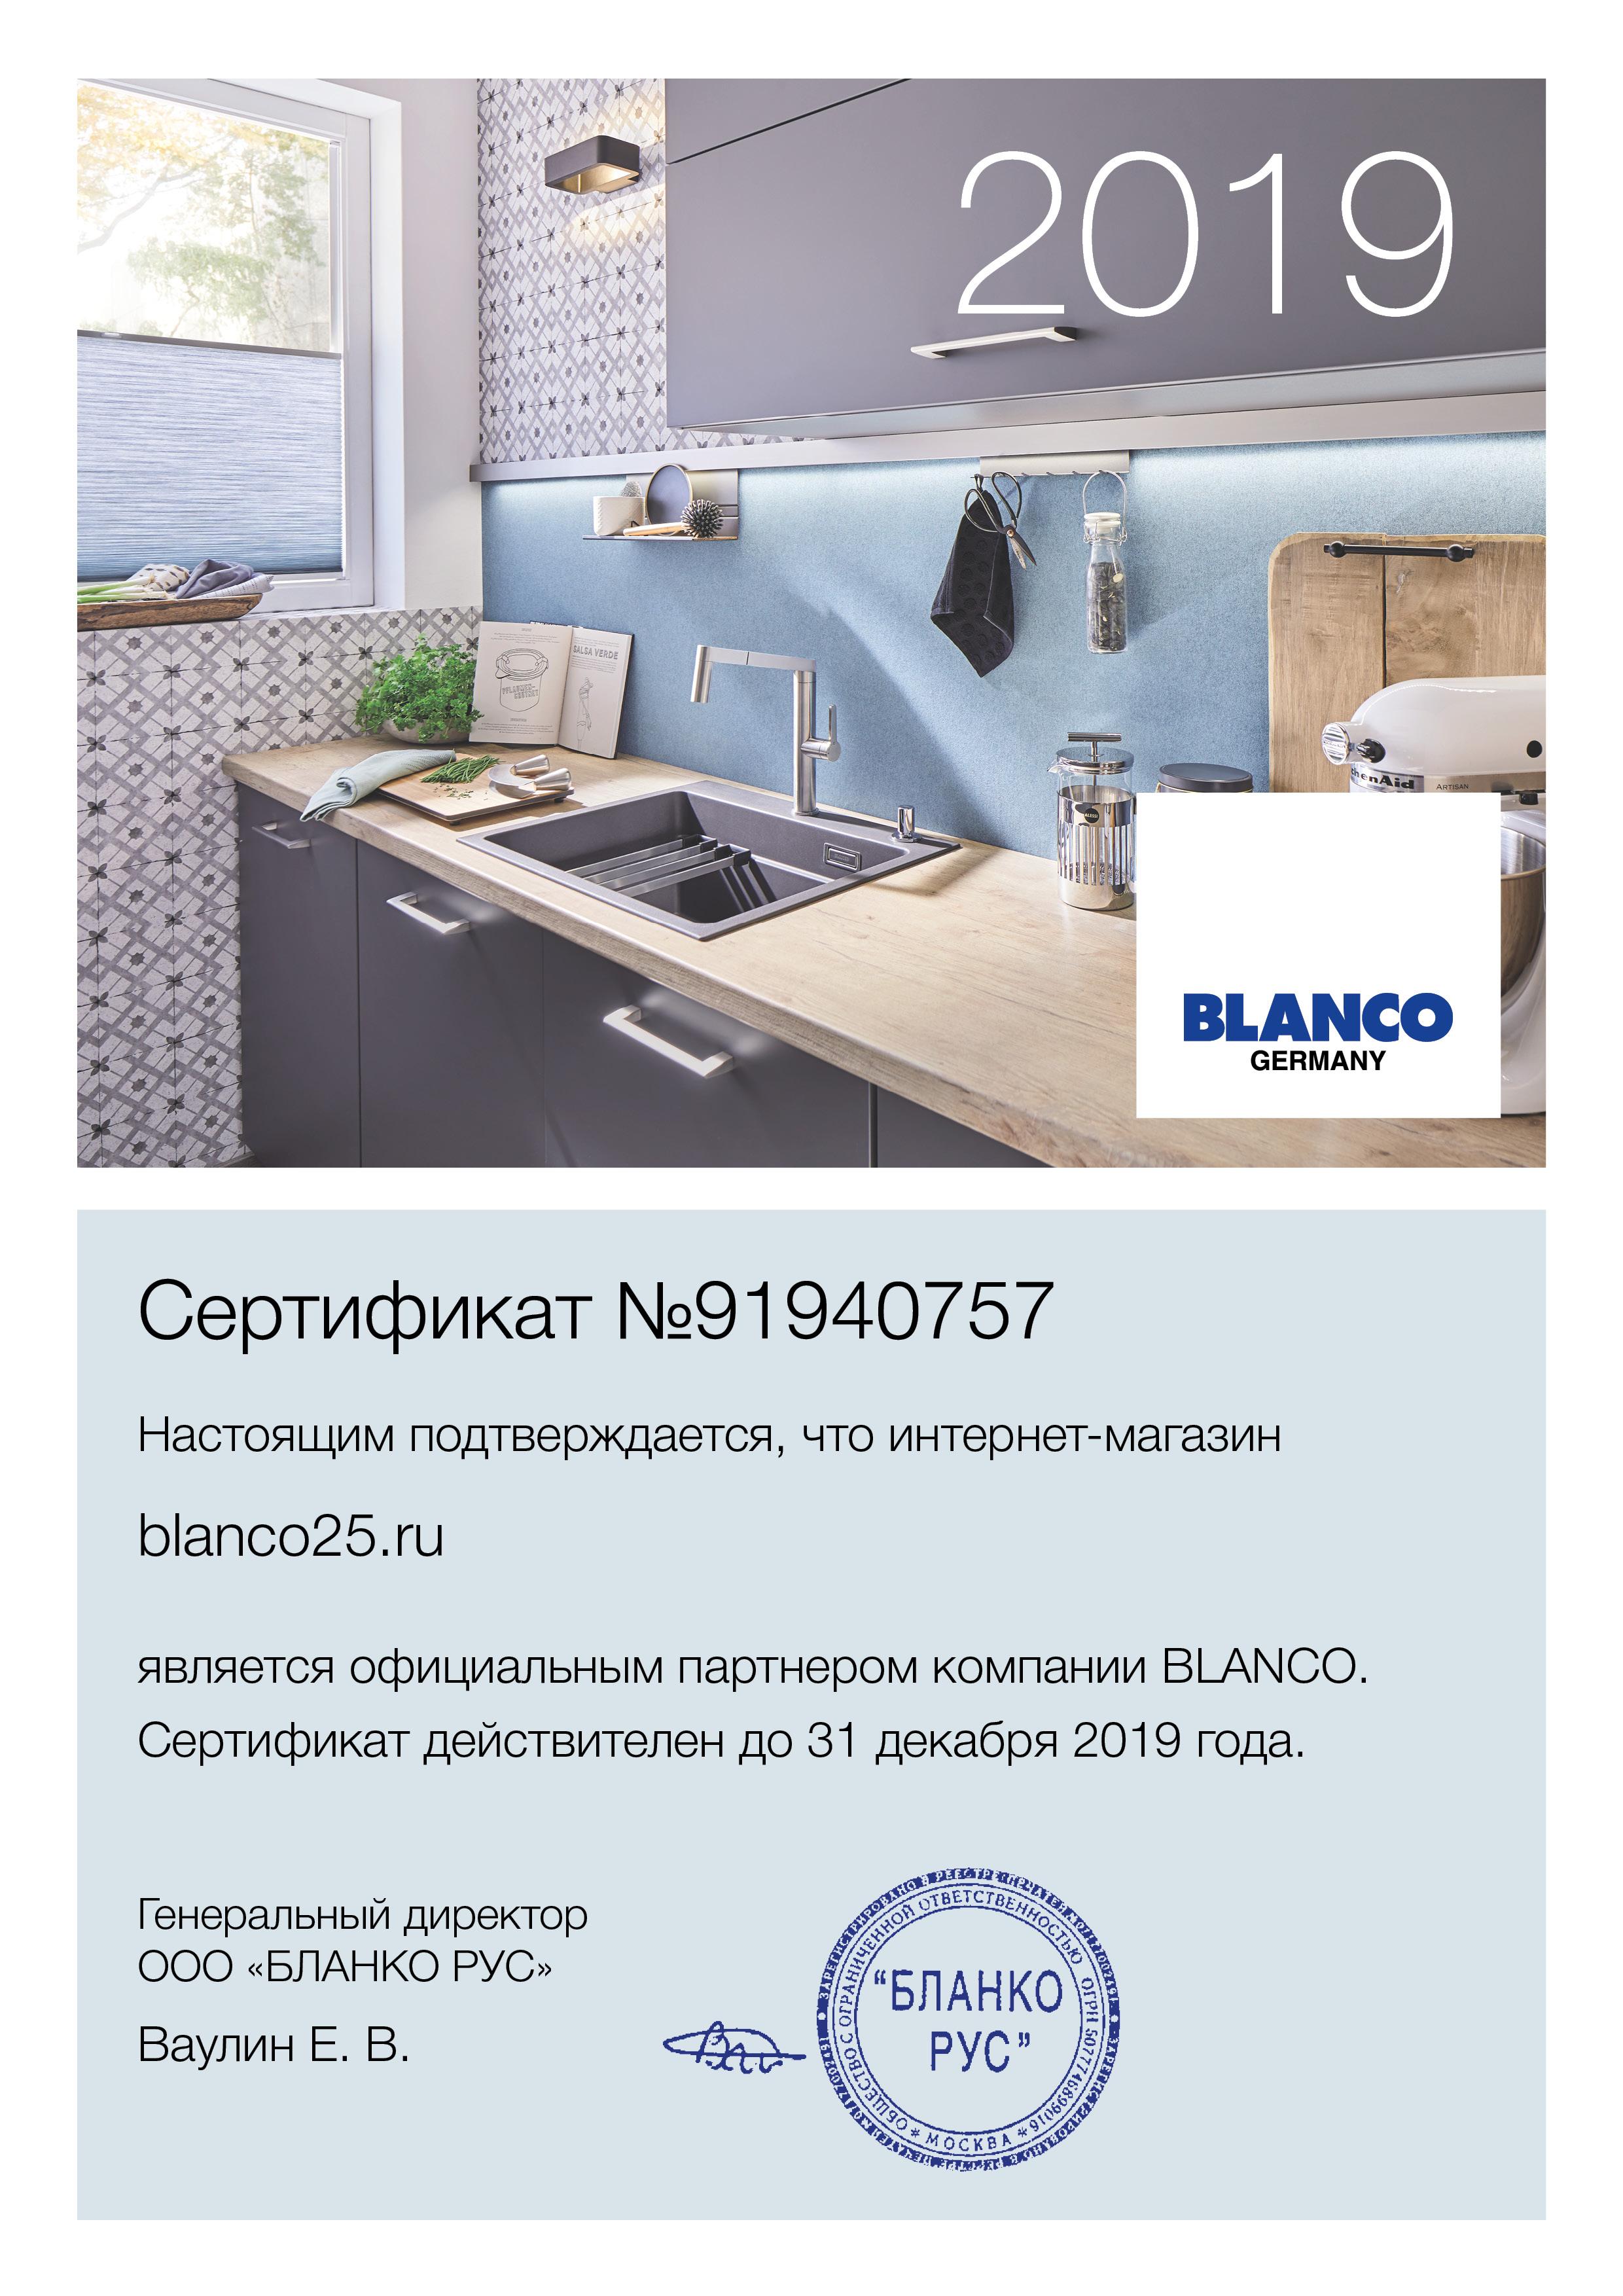 Сертификат официального партнёра компании BLANCO